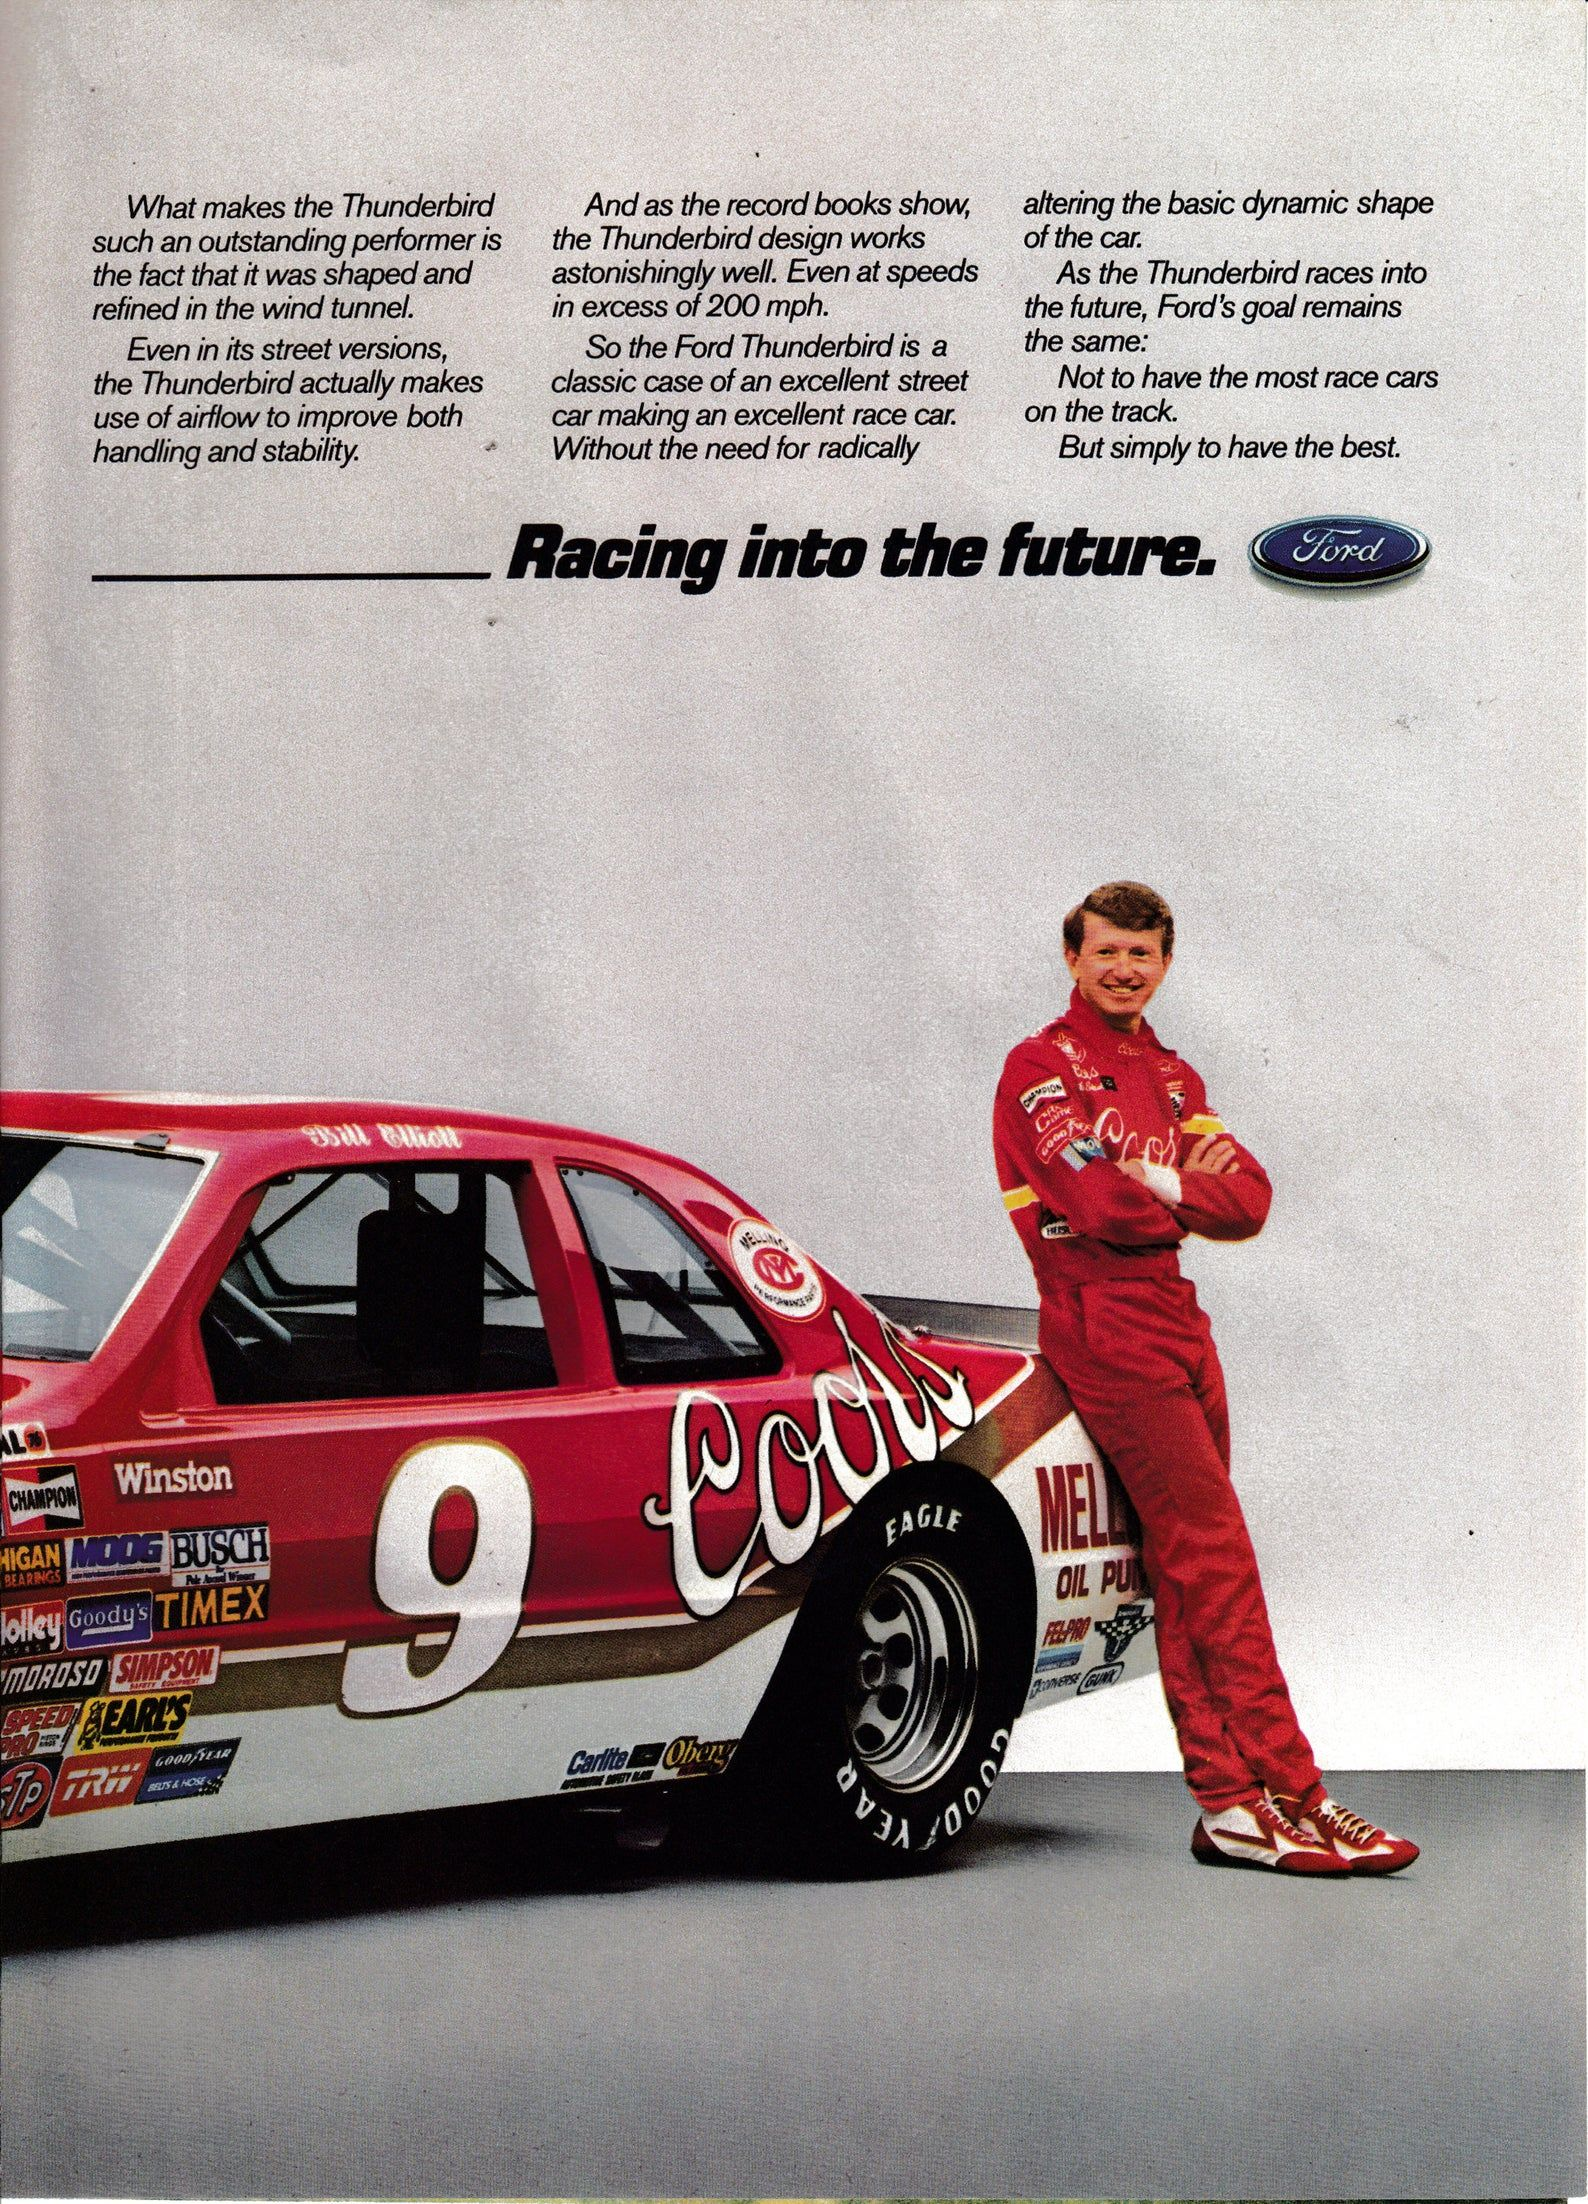 1987 Bill Elliot Ford Daytona Winner Thunderbird Original 2 Page Magazine Ad Taurus Ford Racing Gemini Girl